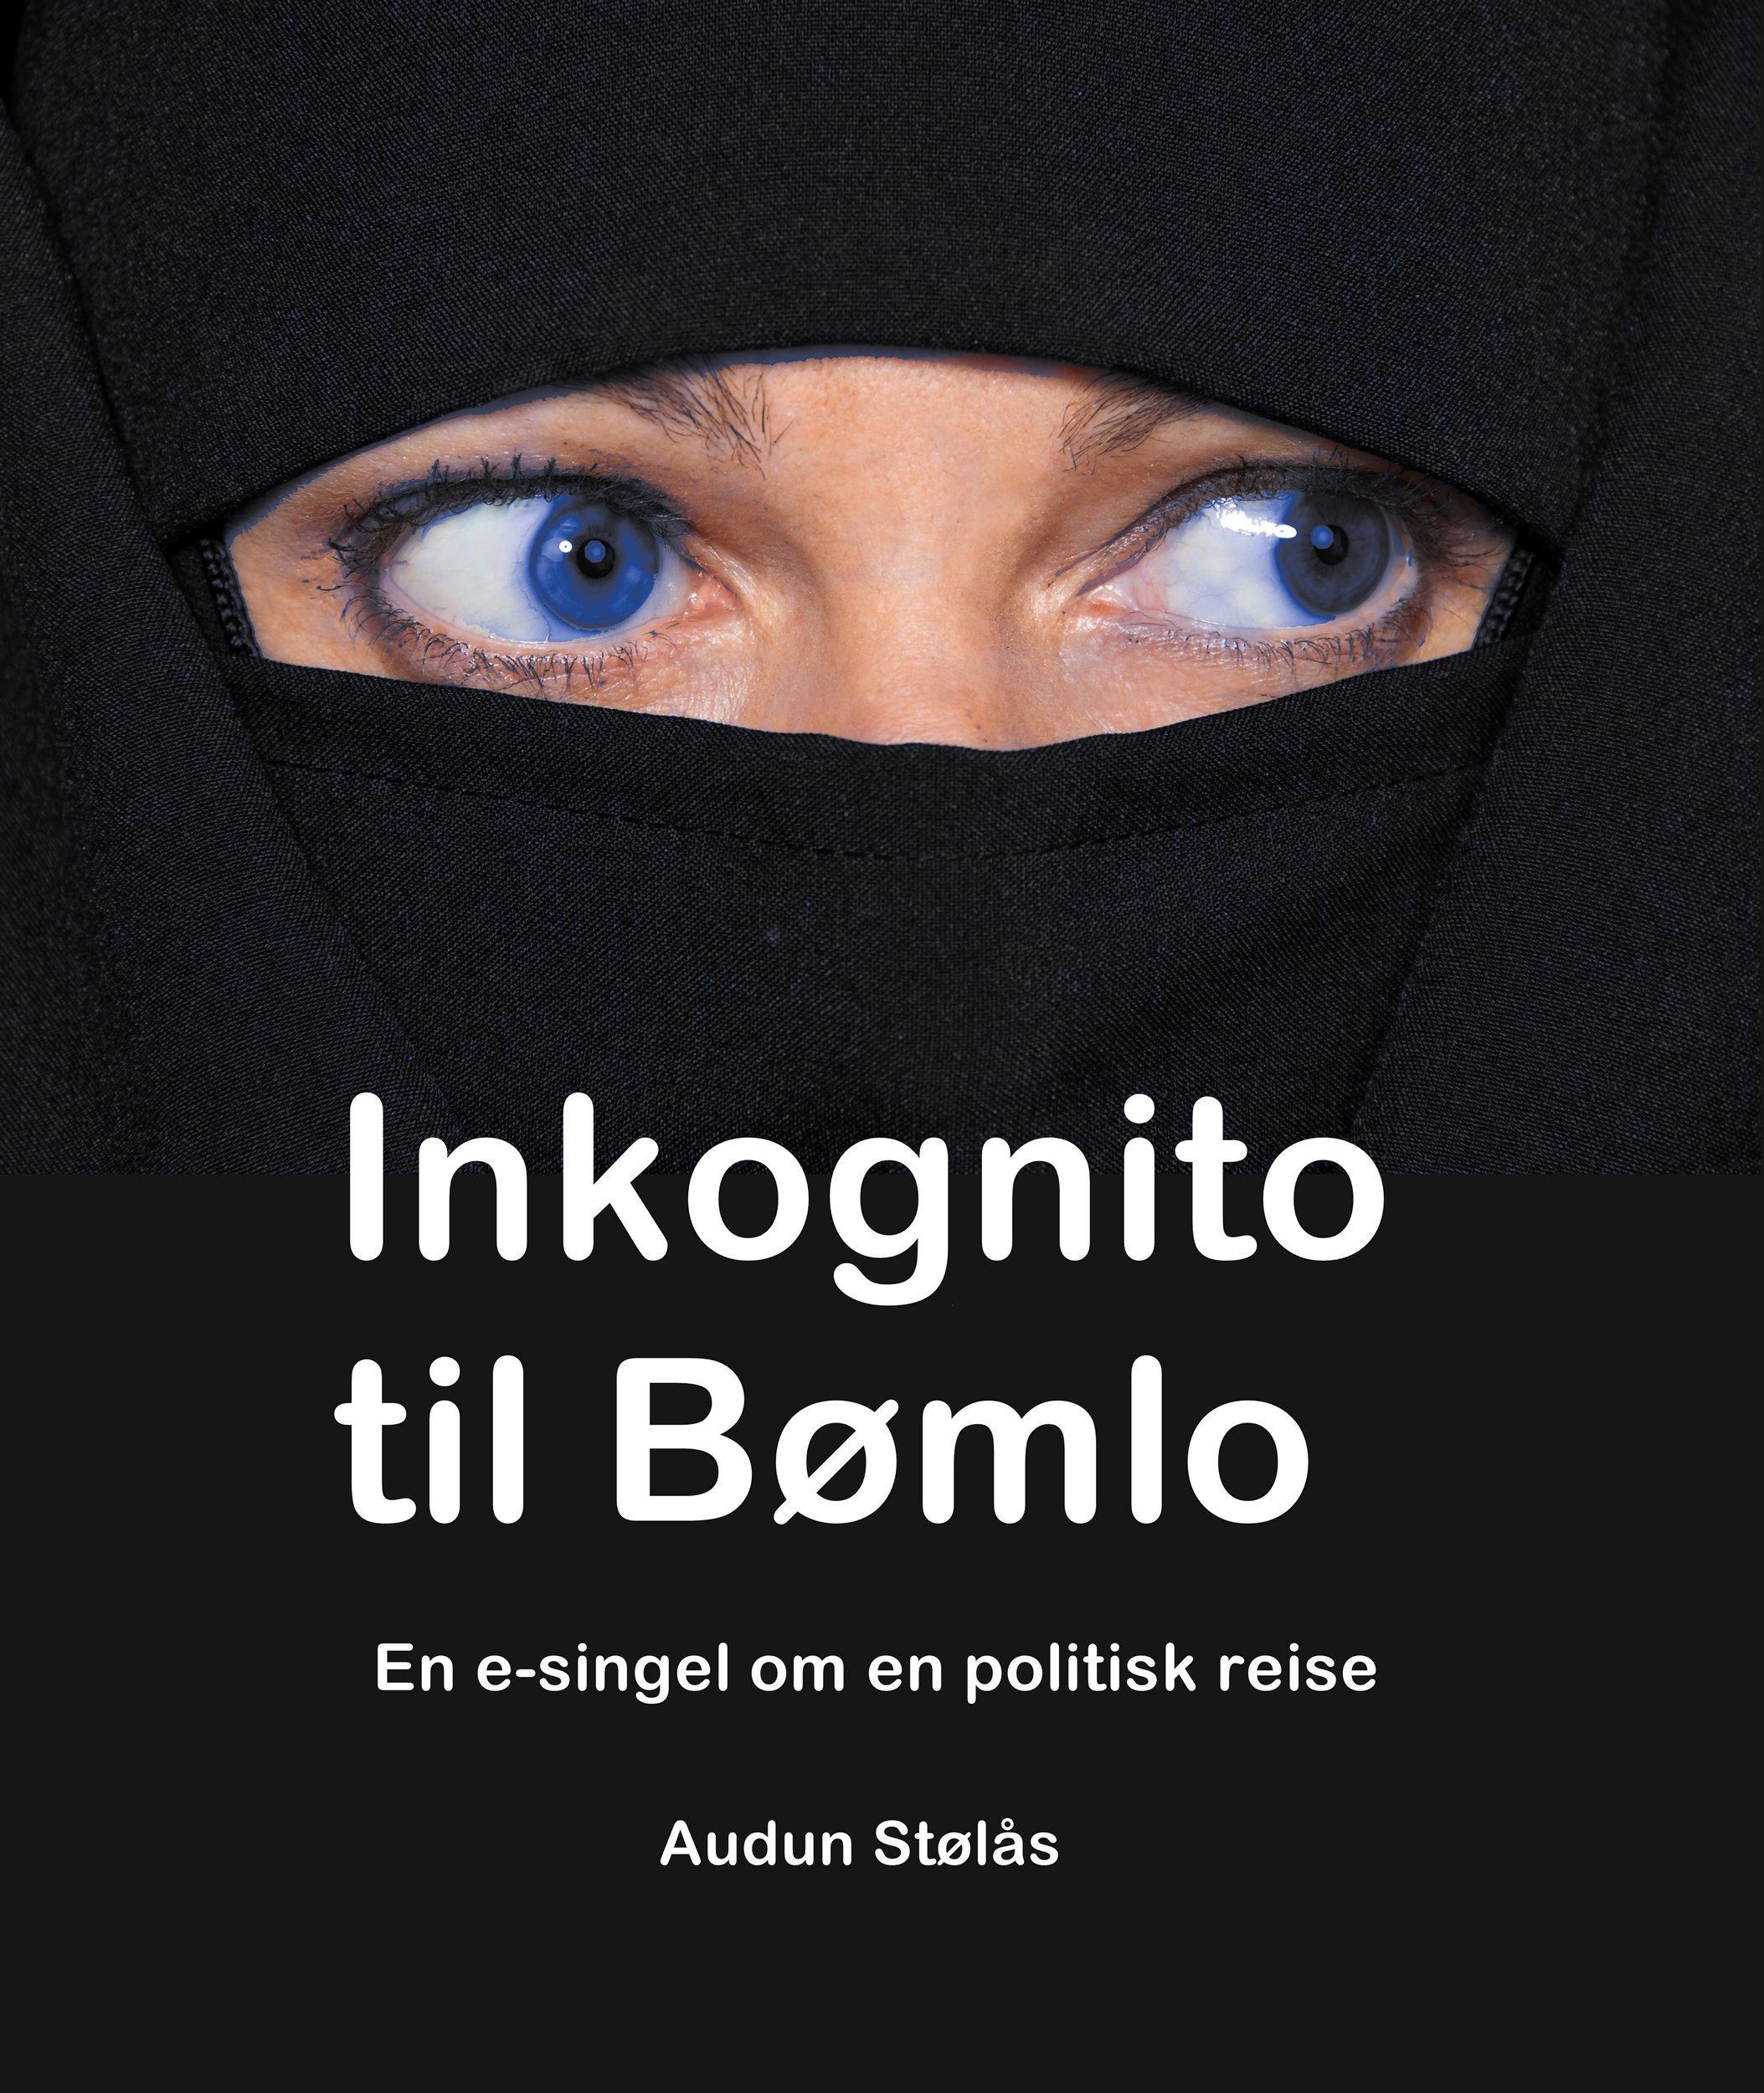 Inkognito til Bømlo - Audun Stølås - E-bok () » Bokkilden